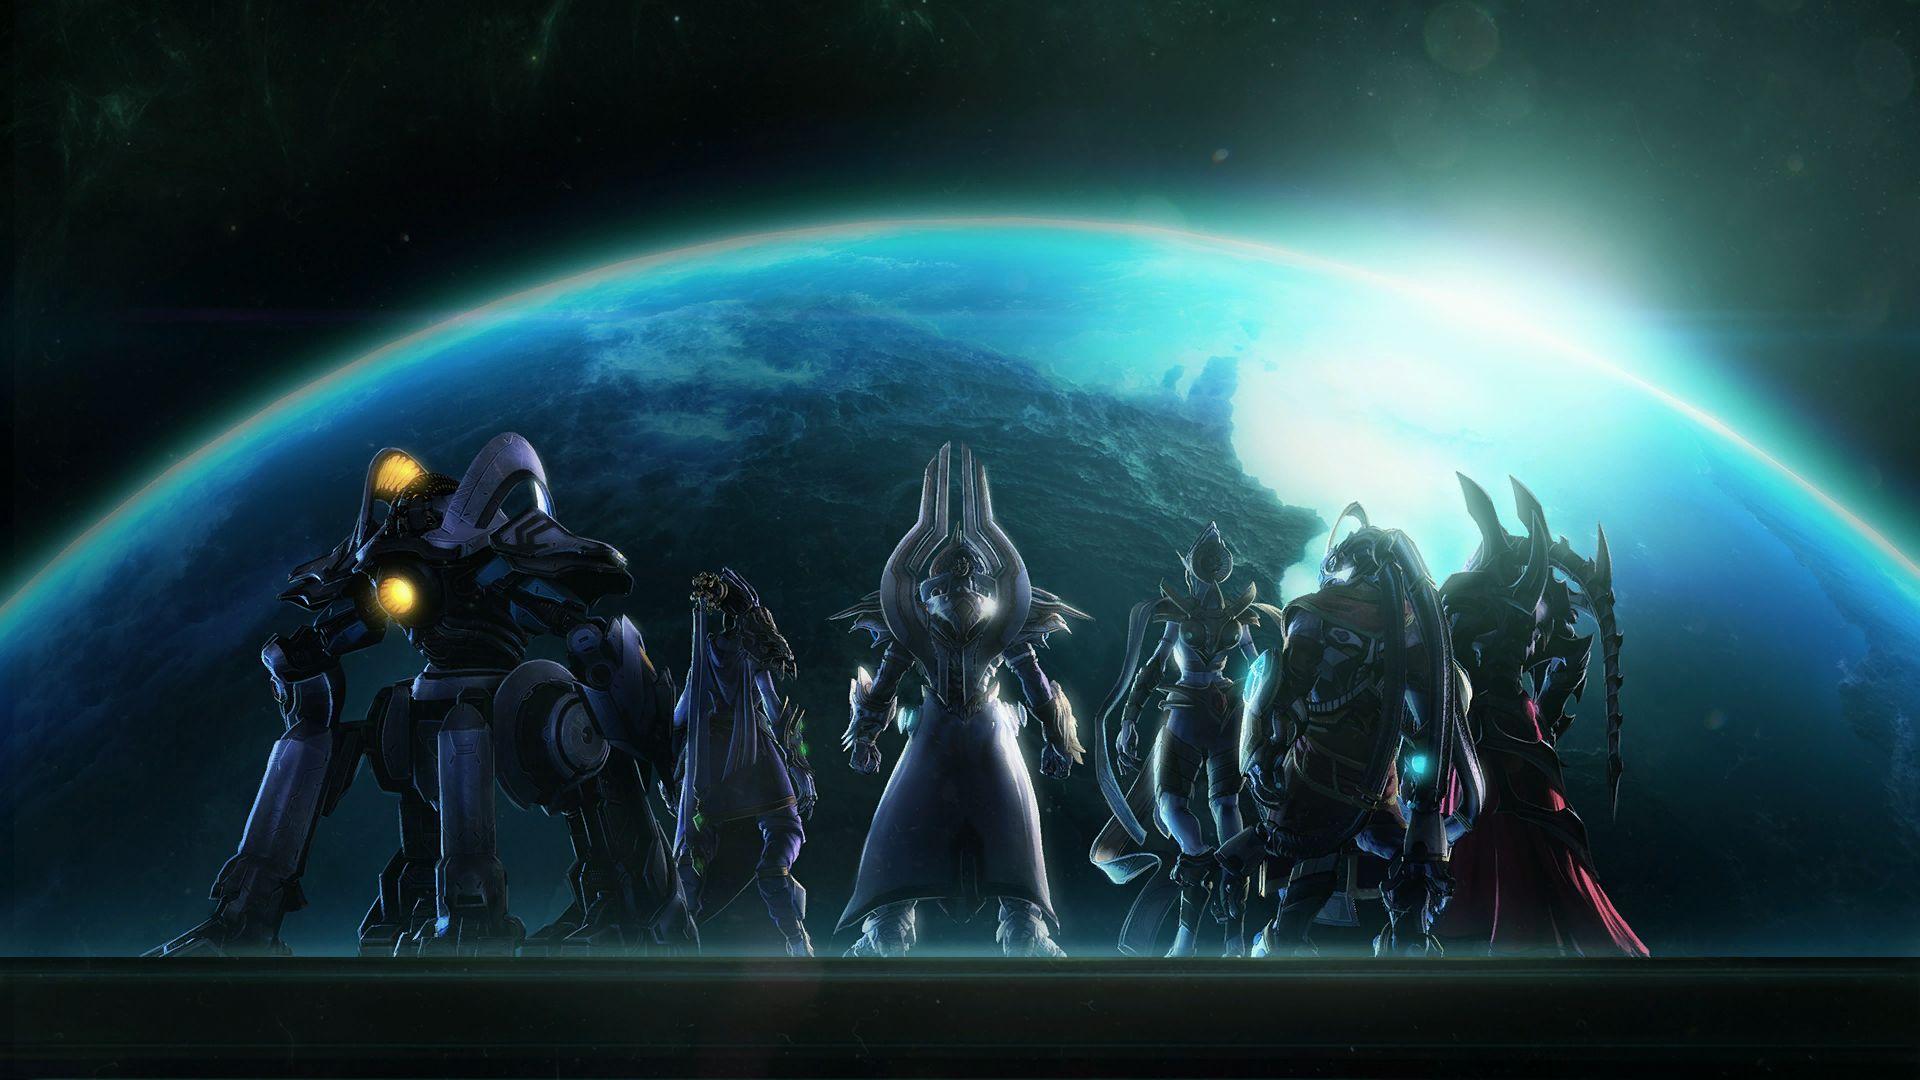 Wallpaper x px Protoss Starcraft II Terran Zerg